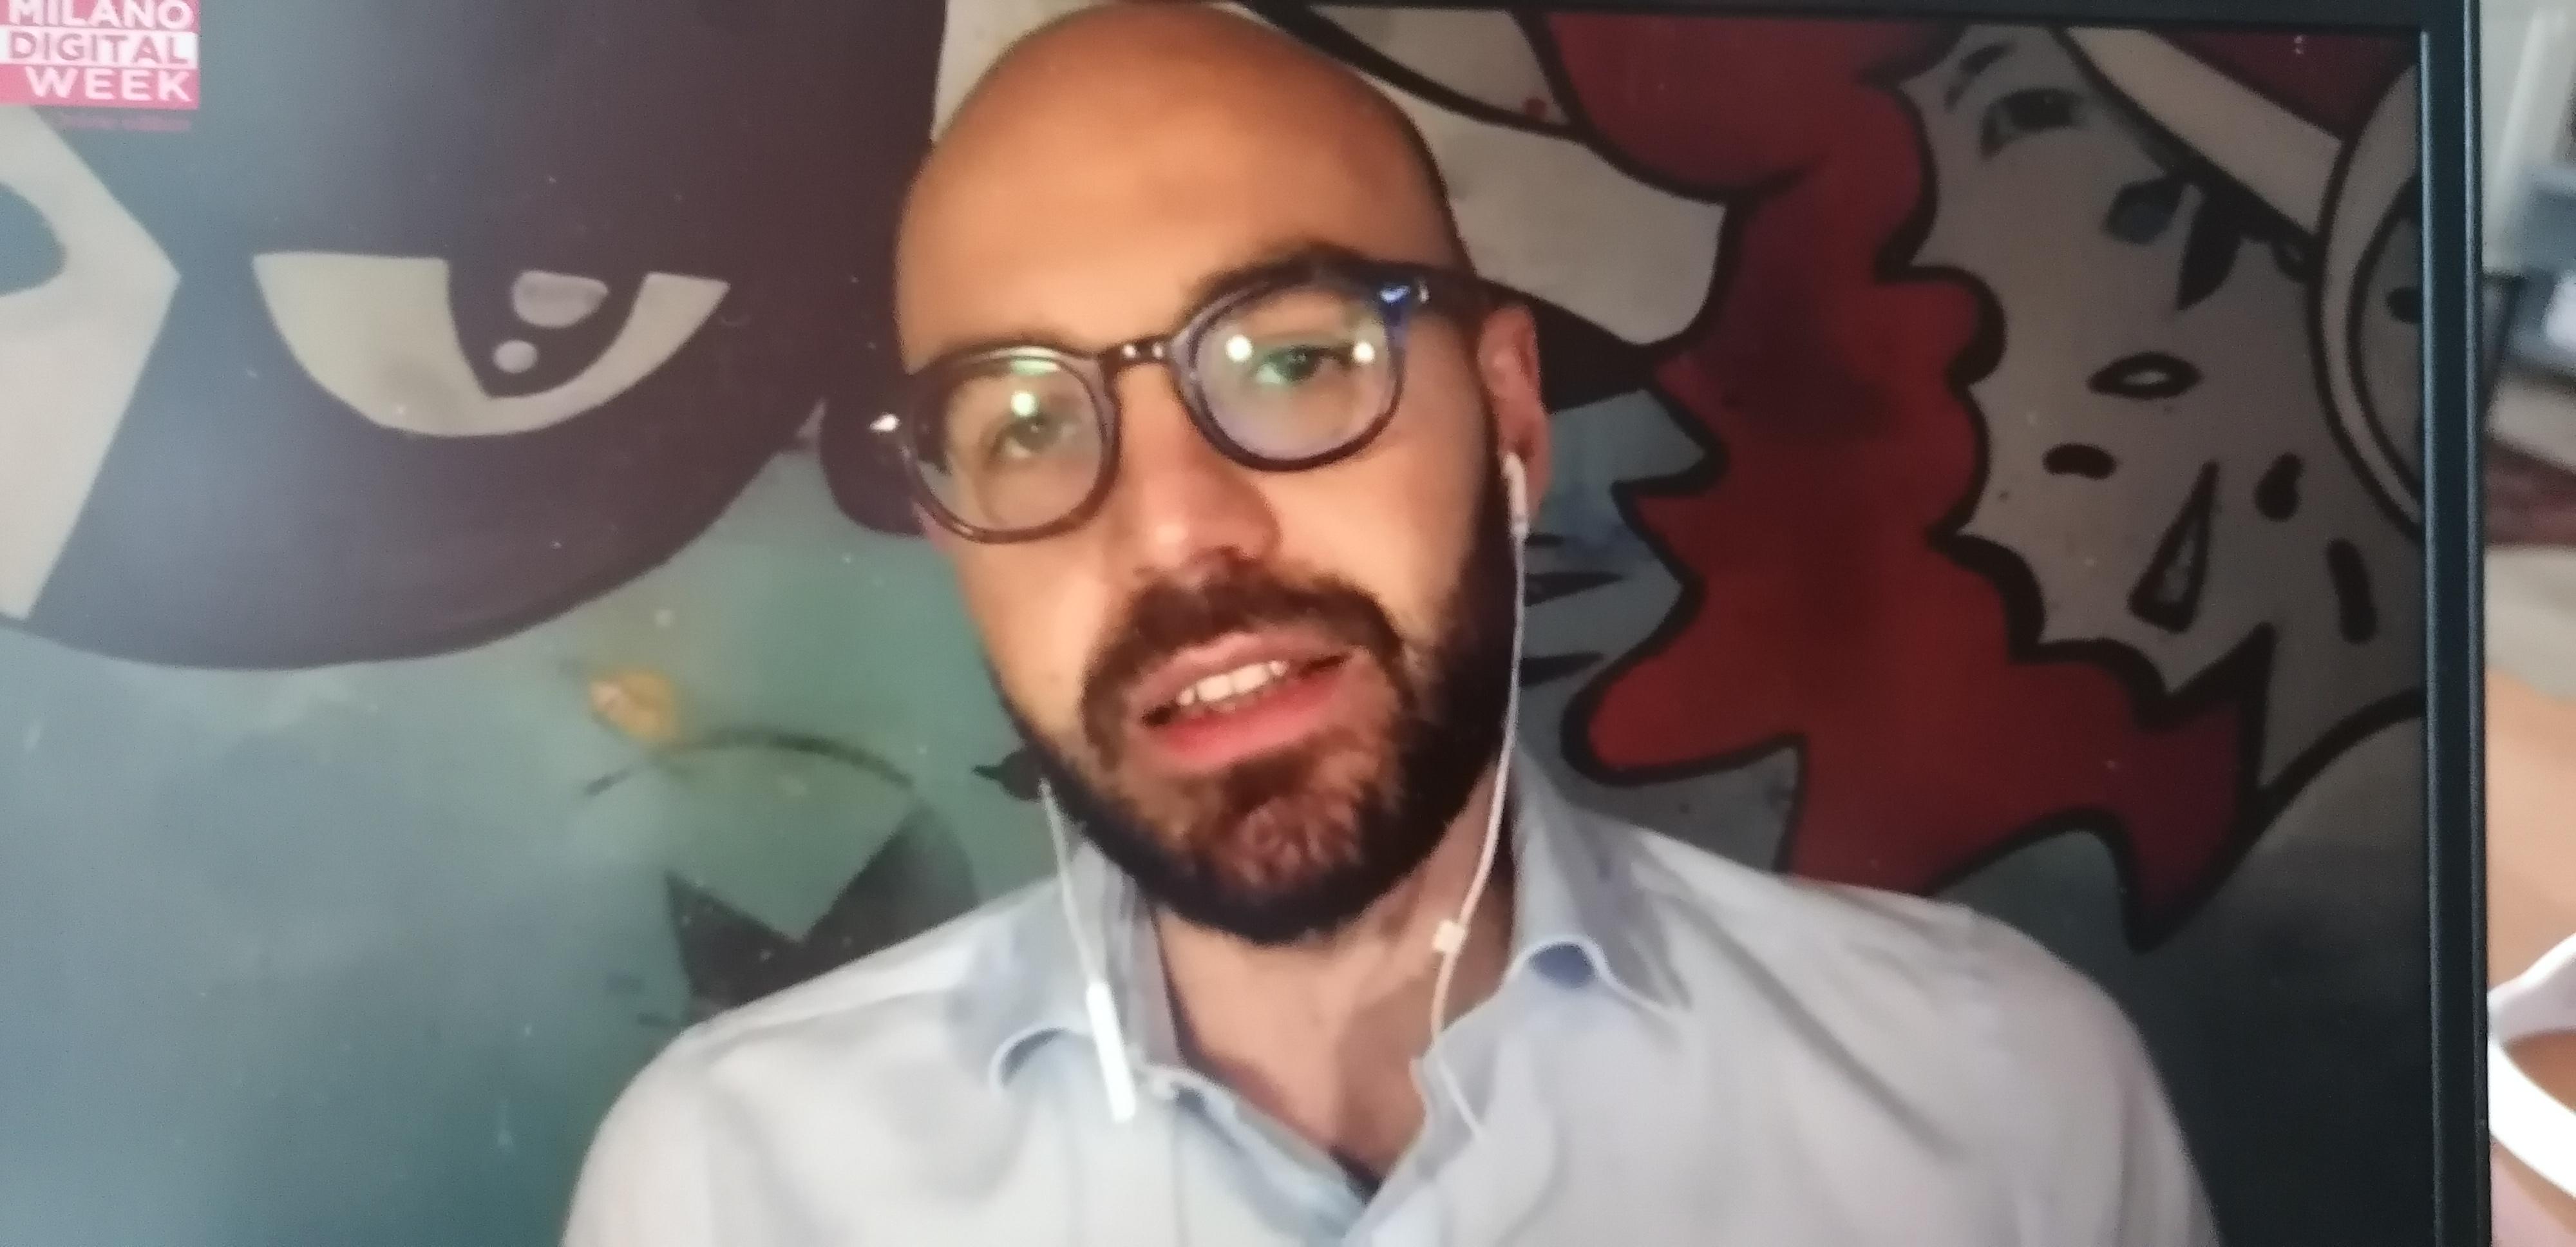 Jacopo Perfetti, Fellow Professor, SDA Bocconi